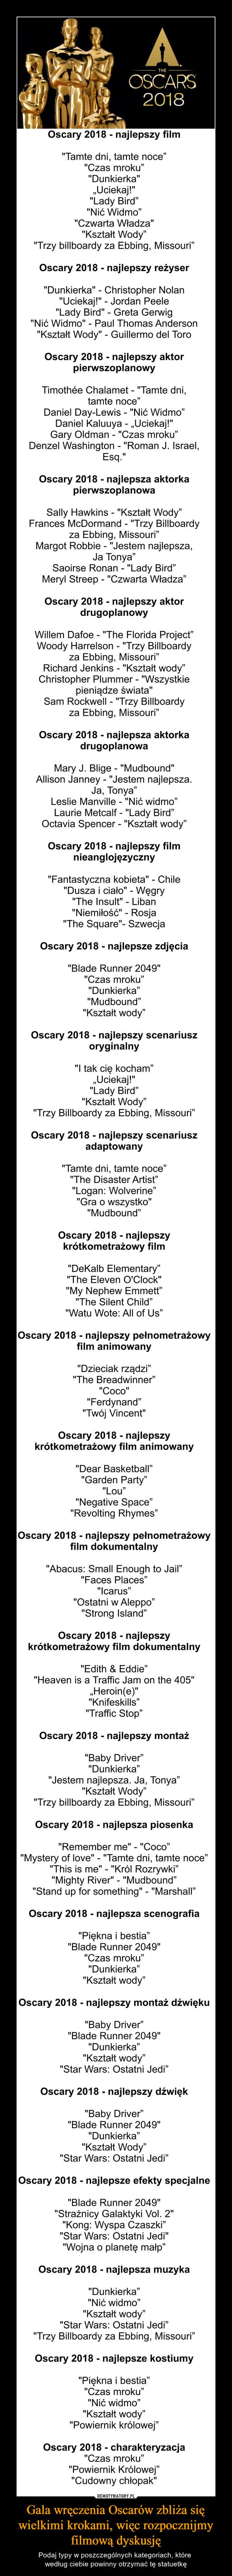 """Gala wręczenia Oscarów zbliża się wielkimi krokami, więc rozpocznijmy filmową dyskusję – Podaj typy w poszczególnych kategoriach, które według ciebie powinny otrzymać tę statuetkę Oscary 2018 - najlepszy film""""Tamte dni, tamte noce""""""""Czas mroku""""""""Dunkierka""""""""Uciekaj!""""""""Lady Bird""""""""Nić Widmo""""""""Czwarta Władza""""""""Kształt Wody""""""""Trzy billboardy za Ebbing, Missouri""""Oscary 2018 - najlepszy reżyser""""Dunkierka"""" - Christopher Nolan""""Uciekaj!"""" - Jordan Peele""""Lady Bird"""" - Greta Gerwig""""Nić Widmo"""" - Paul Thomas Anderson""""Kształt Wody"""" - Guillermo del ToroOscary 2018 - najlepszy aktor pierwszoplanowyTimothée Chalamet - """"Tamte dni, tamte noce""""Daniel Day-Lewis - """"Nić Widmo""""Daniel Kaluuya - """"Uciekaj!""""Gary Oldman - """"Czas mroku""""Denzel Washington - """"Roman J. Israel, Esq.""""Oscary 2018 - najlepsza aktorka pierwszoplanowaSally Hawkins - """"Kształt Wody""""Frances McDormand - """"Trzy Billboardy za Ebbing, Missouri""""Margot Robbie - """"Jestem najlepsza, Ja Tonya""""Saoirse Ronan - """"Lady Bird""""Meryl Streep - """"Czwarta Władza""""Oscary 2018 - najlepszy aktor drugoplanowyWillem Dafoe - """"The Florida Project""""Woody Harrelson - """"Trzy Billboardy za Ebbing, Missouri""""Richard Jenkins - """"Kształt wody""""Christopher Plummer - """"Wszystkie pieniądze świata""""Sam Rockwell - """"Trzy Billboardy za Ebbing, Missouri""""Oscary 2018 - najlepsza aktorka drugoplanowaMary J. Blige - """"Mudbound""""Allison Janney - """"Jestem najlepsza. Ja, Tonya""""Leslie Manville - """"Nić widmo""""Laurie Metcalf - """"Lady Bird""""Octavia Spencer - """"Kształt wody""""Oscary 2018 - najlepszy film nieanglojęzyczny""""Fantastyczna kobieta"""" - Chile""""Dusza i ciało"""" - Węgry""""The Insult"""" - Liban""""Niemiłość"""" - Rosja""""The Square""""- SzwecjaOscary 2018 - najlepsze zdjęcia""""Blade Runner 2049""""""""Czas mroku""""""""Dunkierka""""""""Mudbound""""""""Kształt wody""""Oscary 2018 - najlepszy scenariusz oryginalny""""I tak cię kocham""""""""Uciekaj!""""""""Lady Bird""""""""Kształt Wody""""""""Trzy Billboardy za Ebbing, Missouri""""Oscary 2018 - najlepszy scenariusz adaptowany""""Tamte dni, tamte noce""""""""The Disaster Artist""""""""Logan: Wolverine""""""""Gra o wszystko"""" """"Mudbound""""Oscary 2018 - najle"""